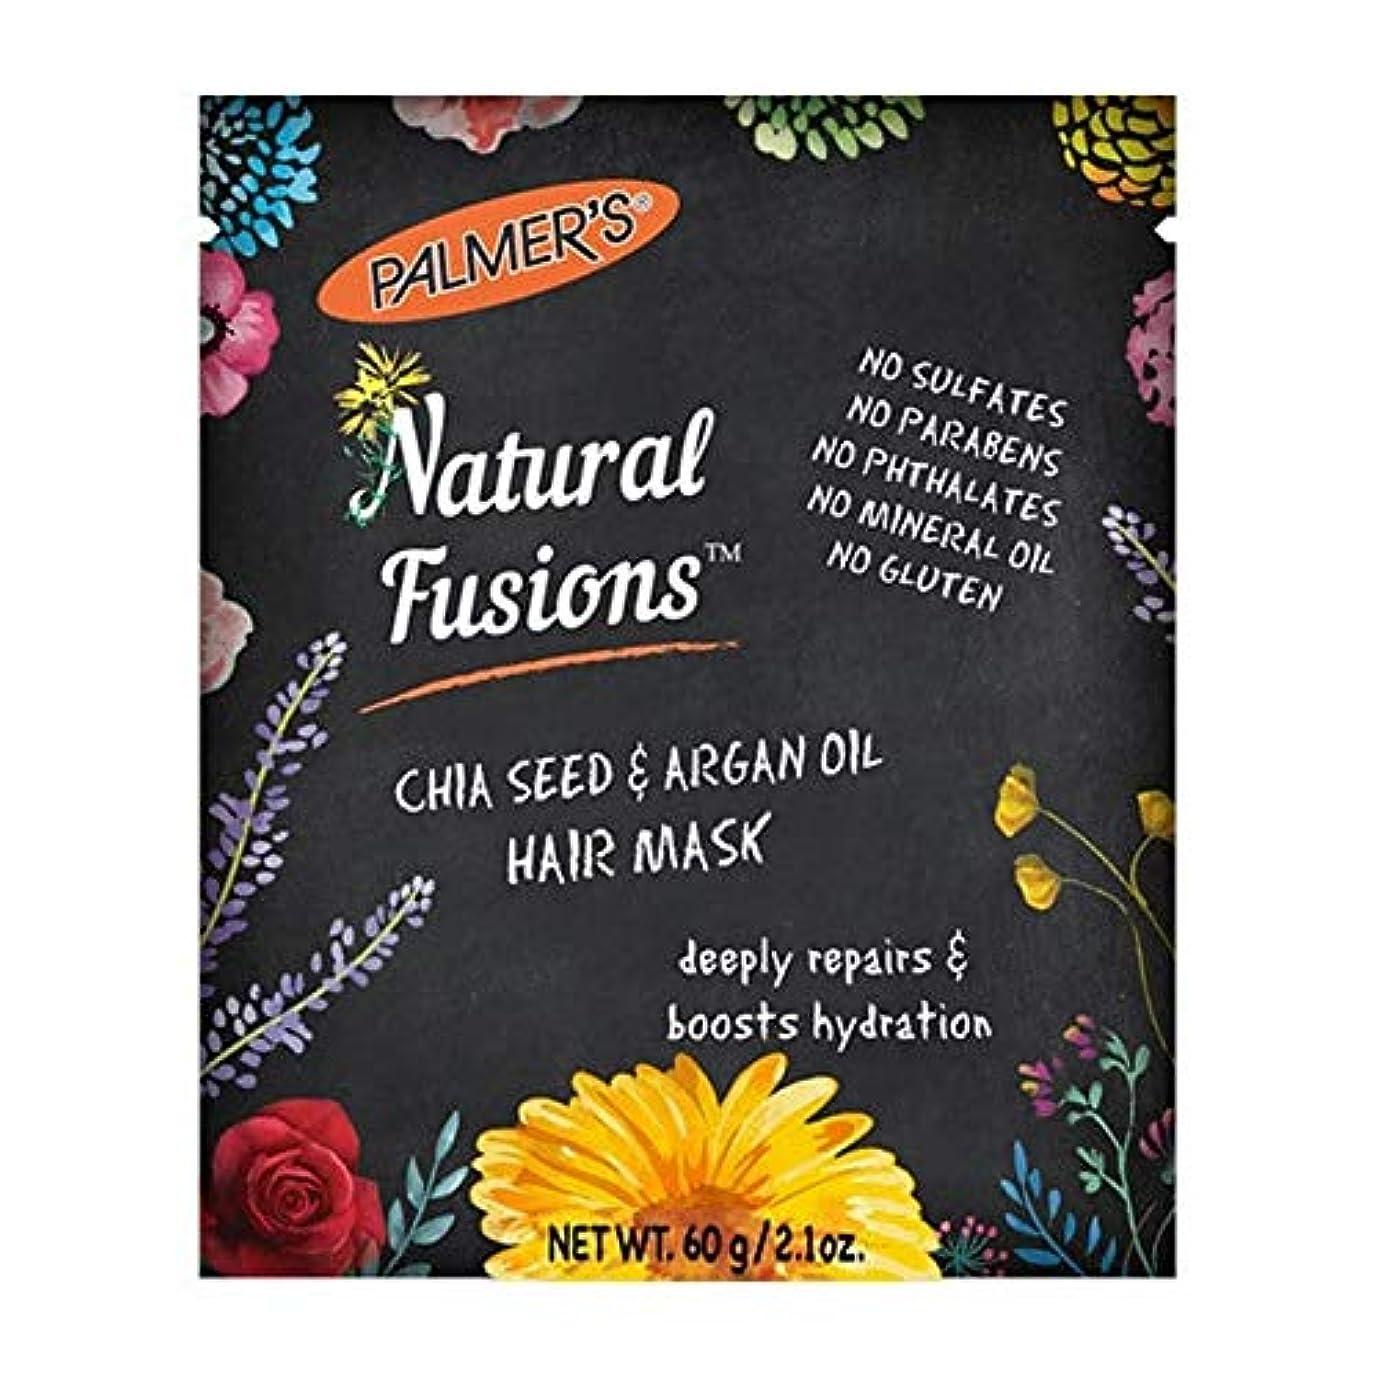 改善する病的黒板[Palmer's ] パーマーの自然な融合チアシード&アルガンオイルヘアマスク60グラム - Palmer's Natural Fusions Chia Seed & Argan Oil Hair Mask 60g [...